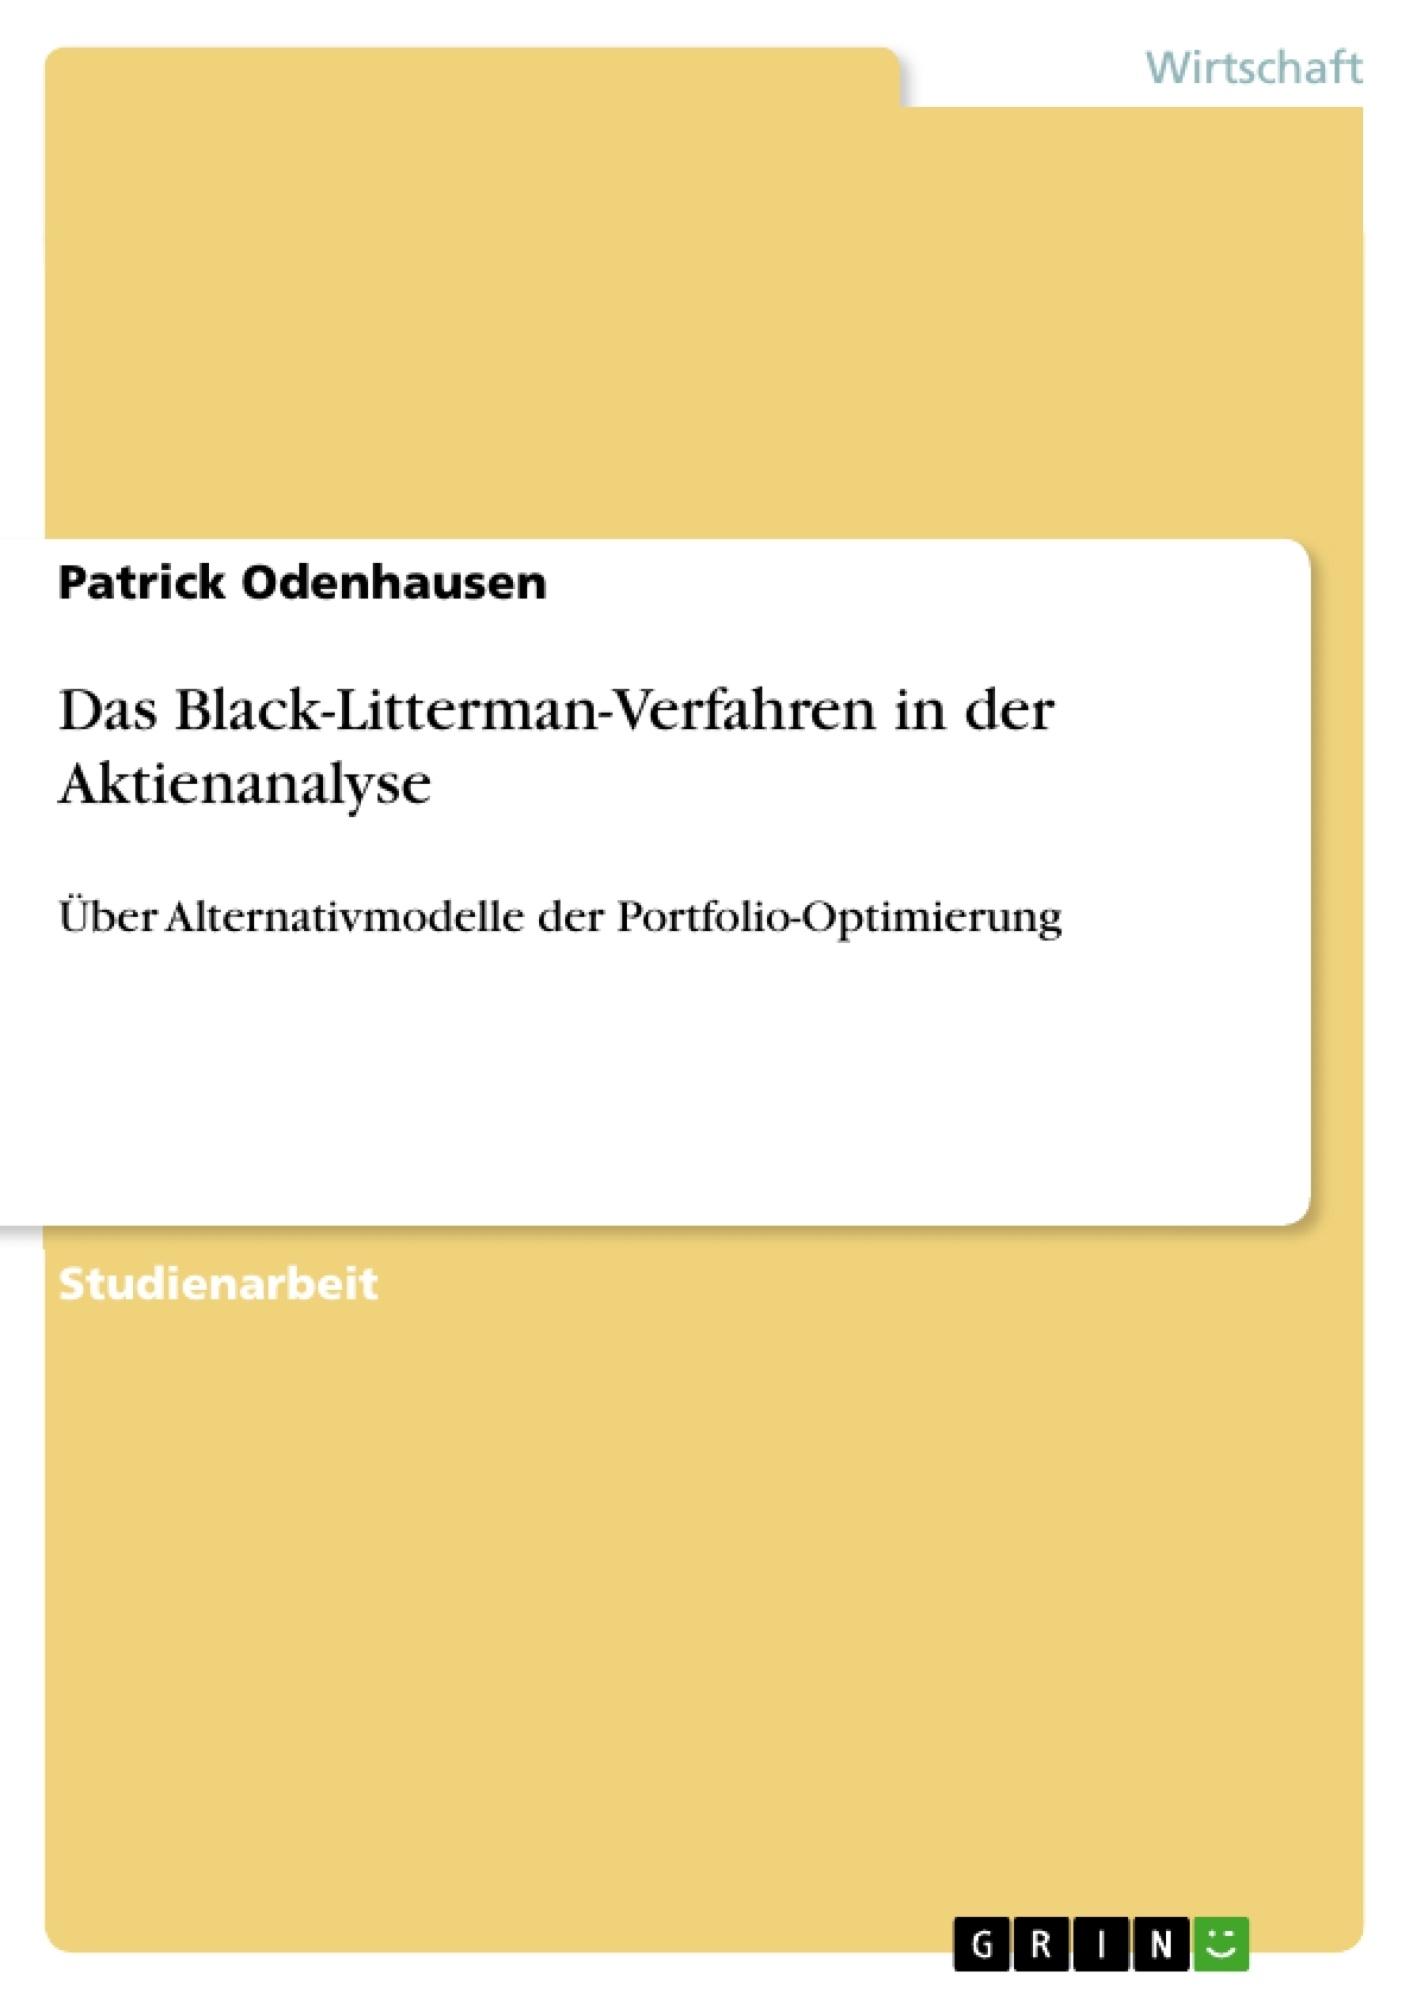 Titel: Das Black-Litterman-Verfahren in der Aktienanalyse